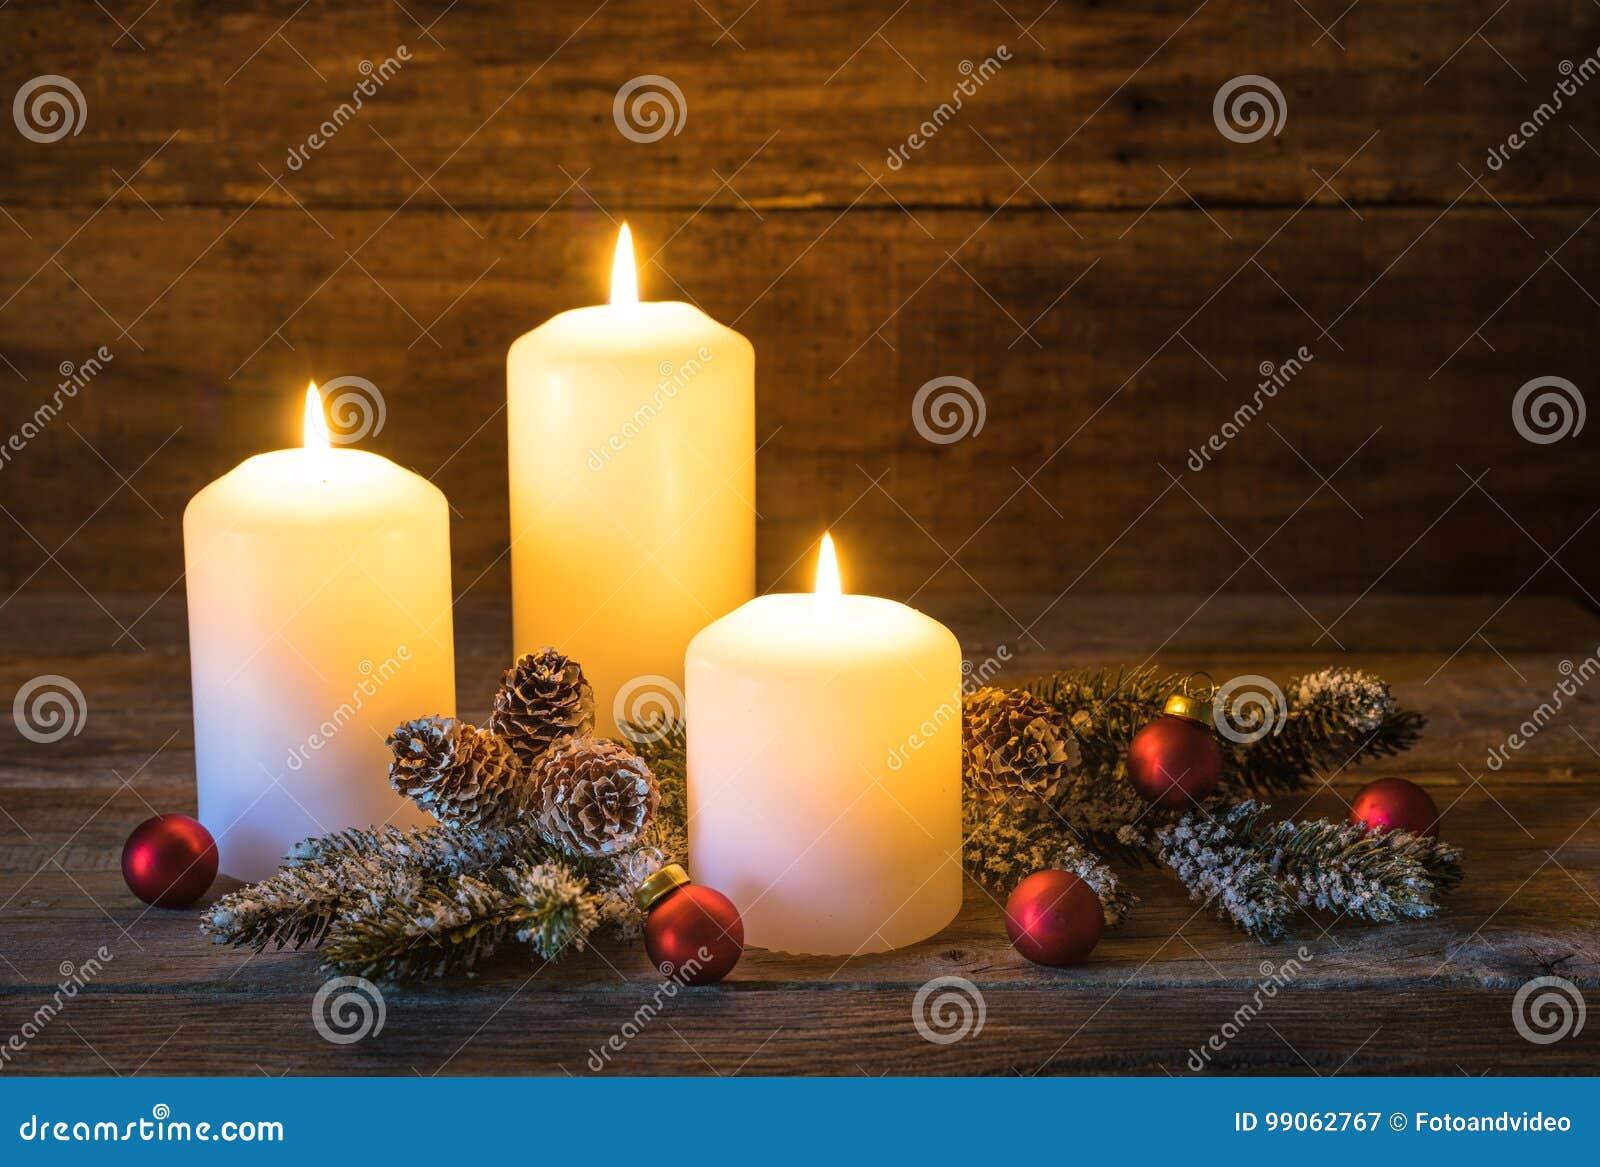 Decorare Candele Di Natale : Candele di natale con le palle rosse e la decorazione naturale